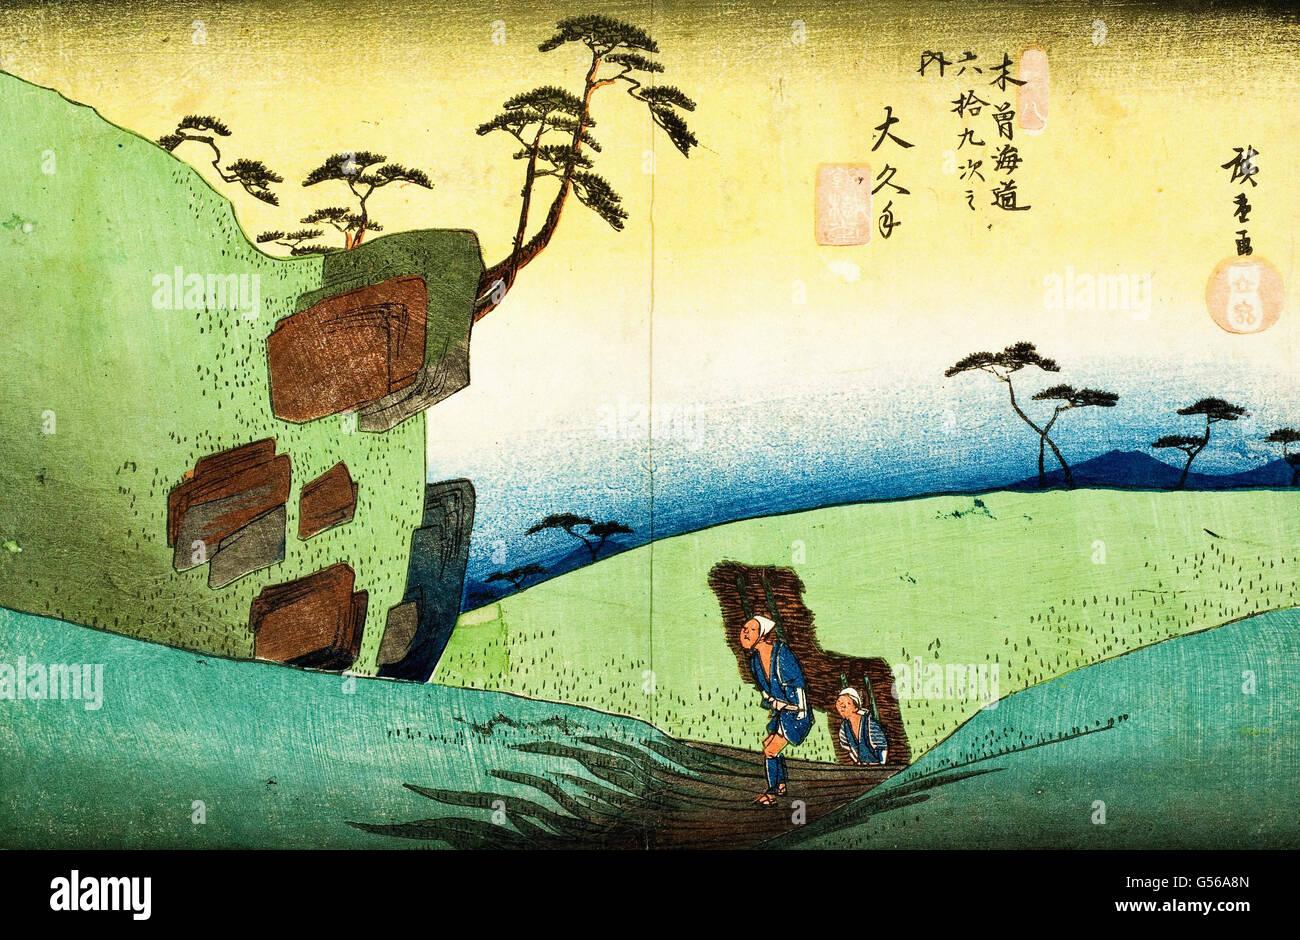 Utagawa Hiroshige - Woodcut - Stock Image